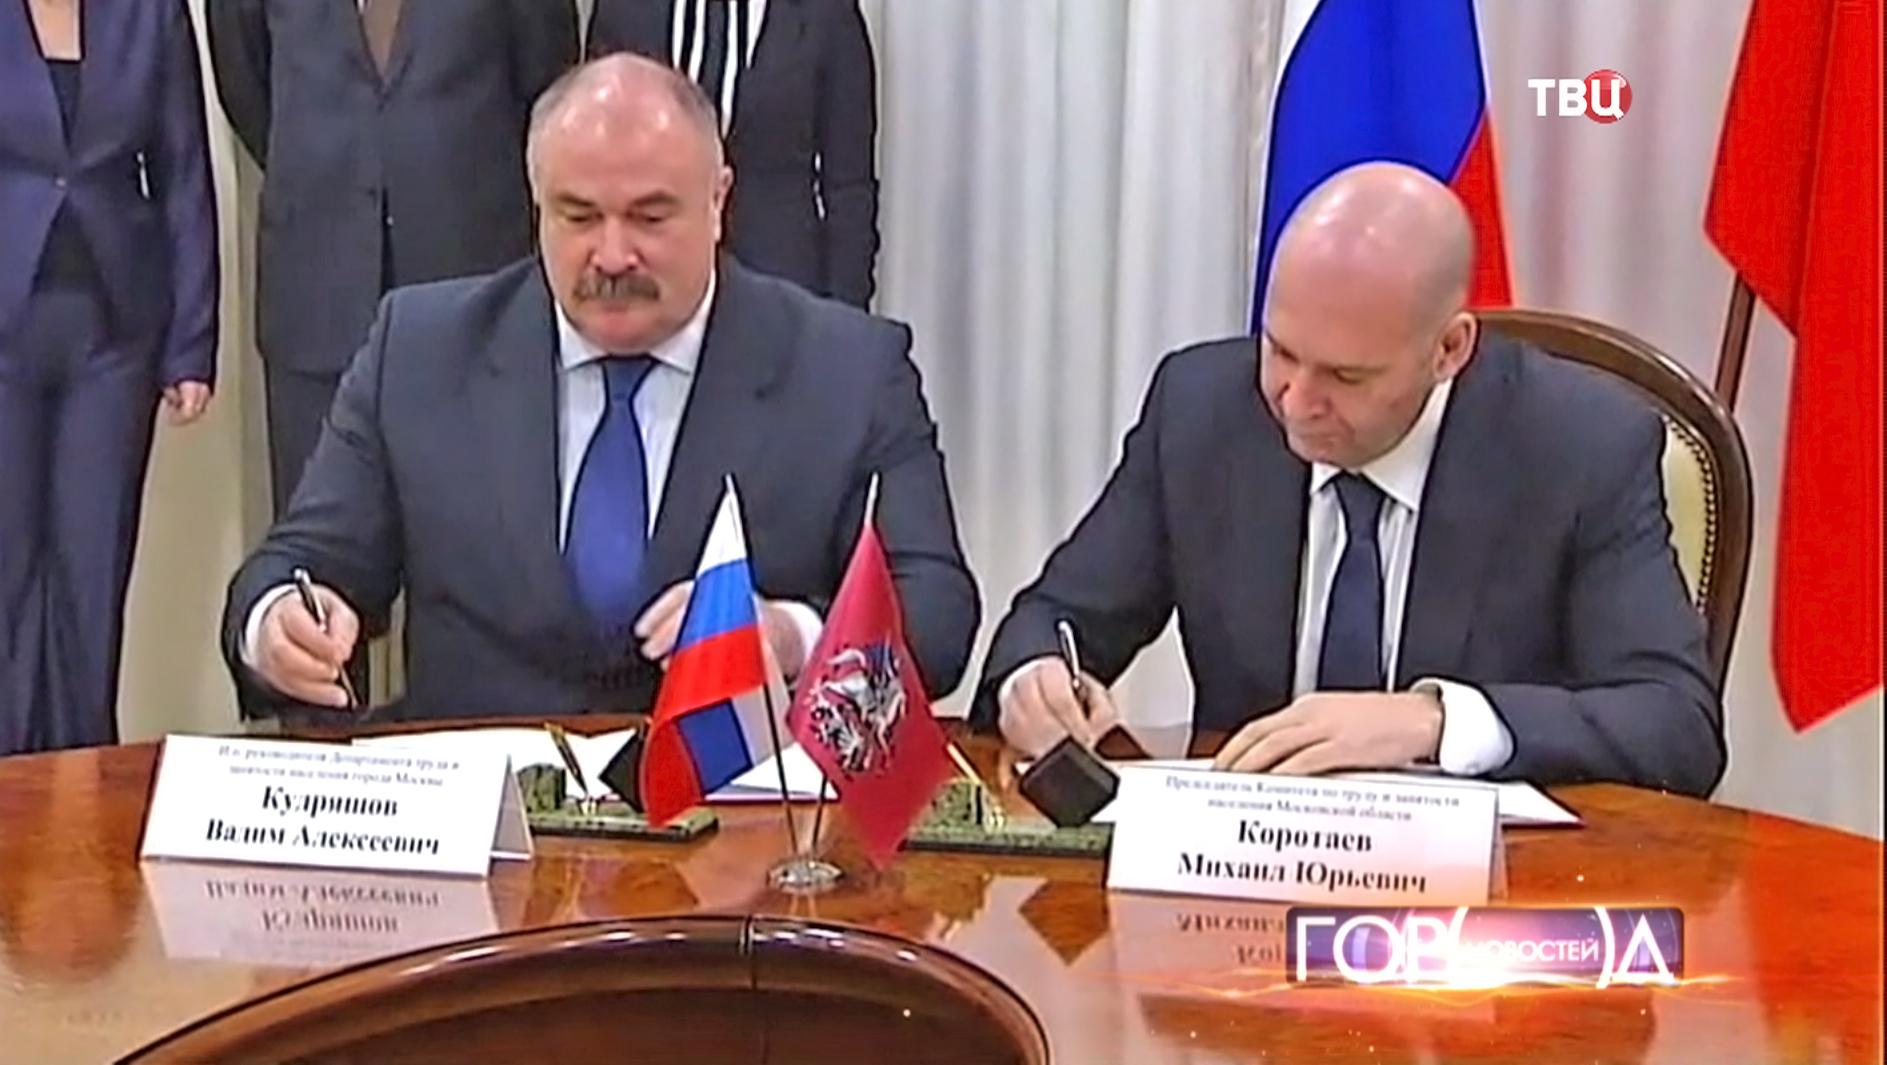 Департамент труда и занятости Москвы и Комитет по труду и занятости Московской области подписывают соглашение о сотрудничестве в области труда